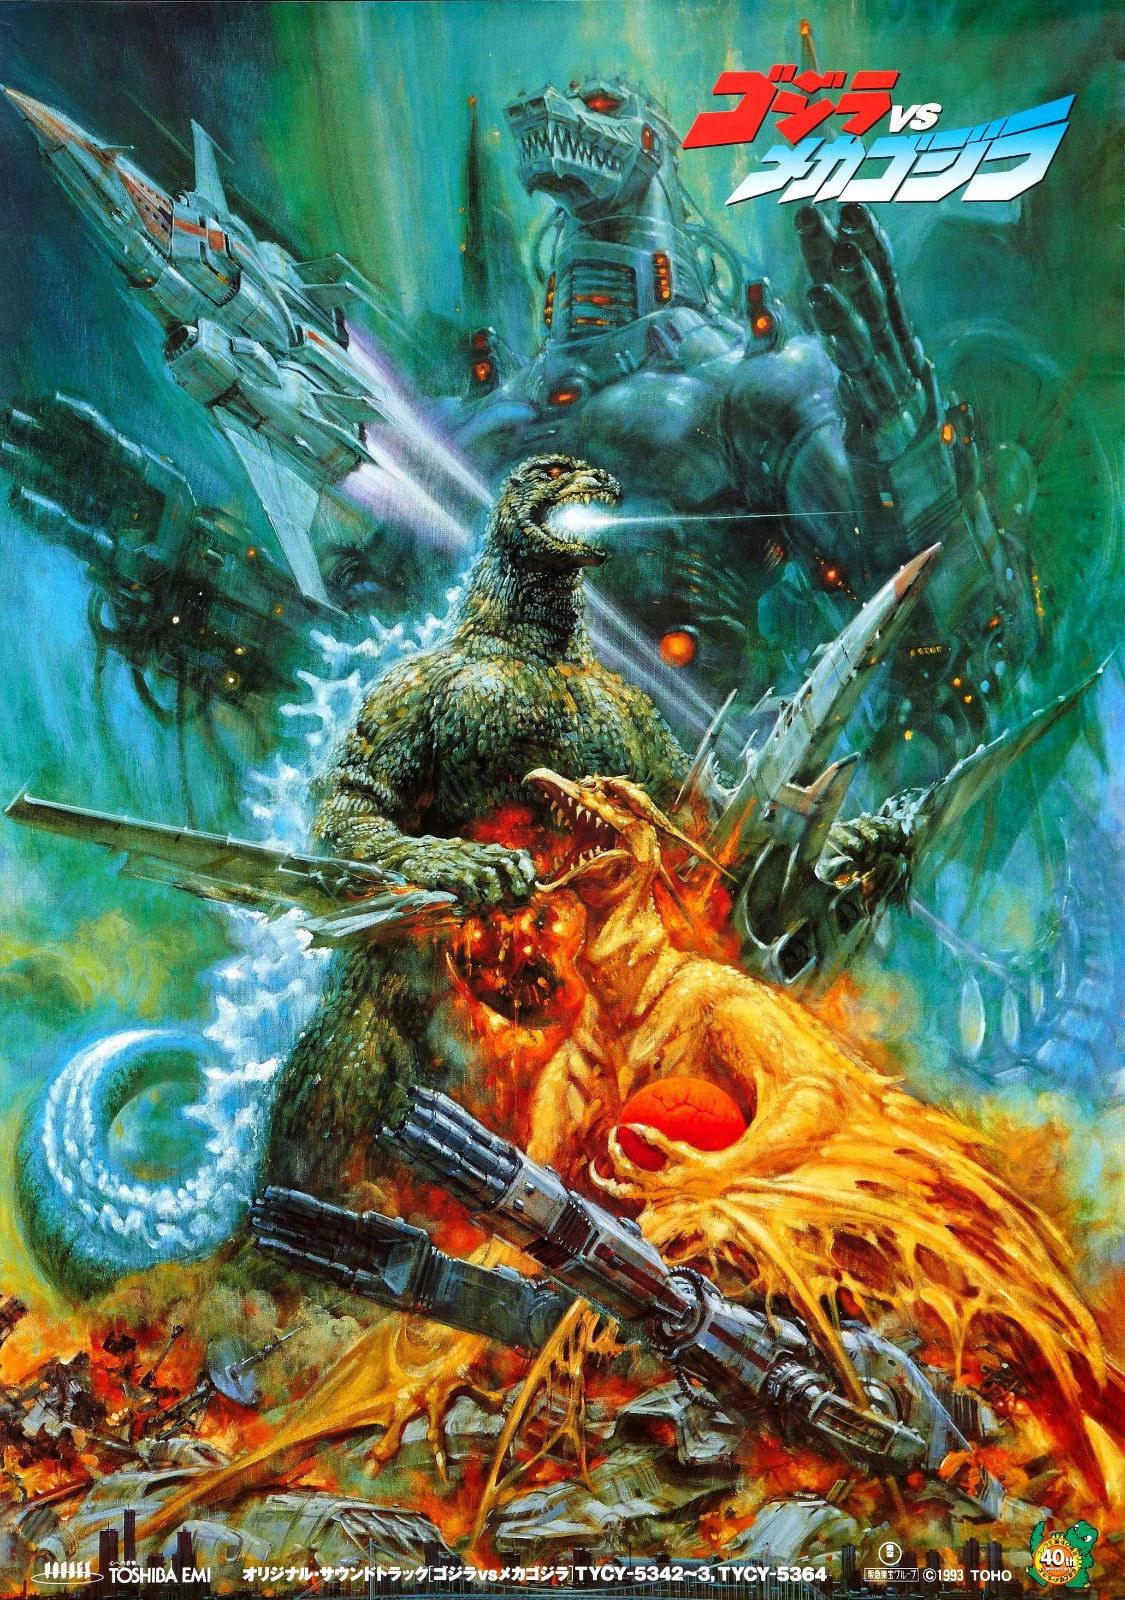 63698-GODZILLA-vs-MECHAGODZILLA-Gojira-Japanese-Wall-Print-Poster-Affiche